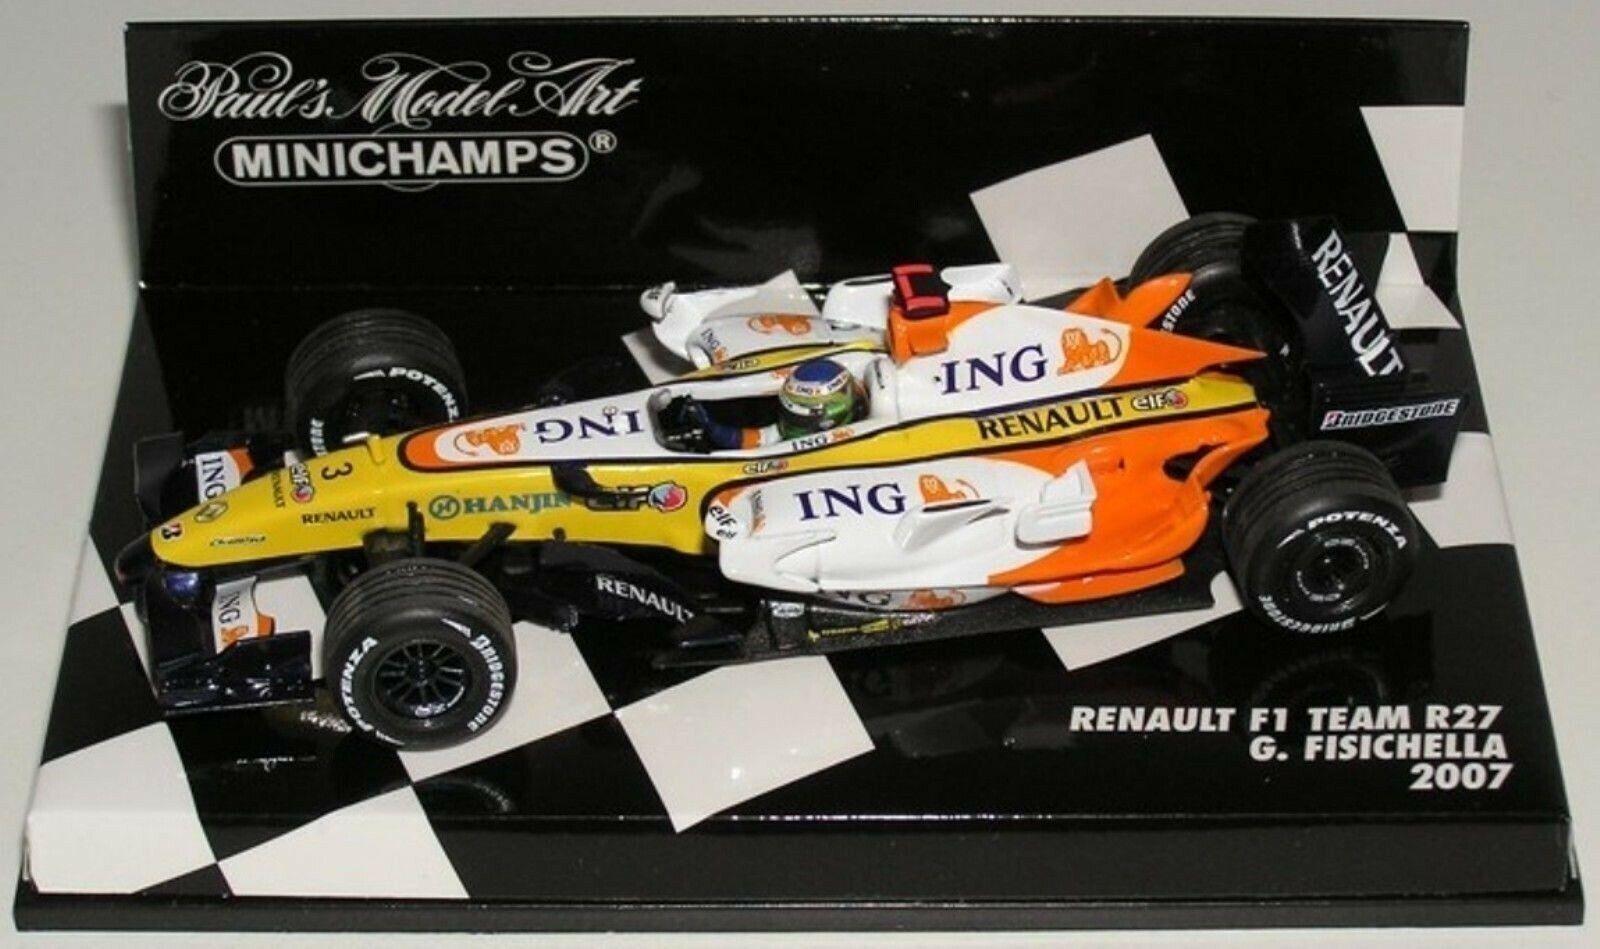 Wow extrêmeHommest rare RENAULT  R27  3 G FISICHELLA GP Monaco 2007 1 43 Minichamps  Dans votre attente